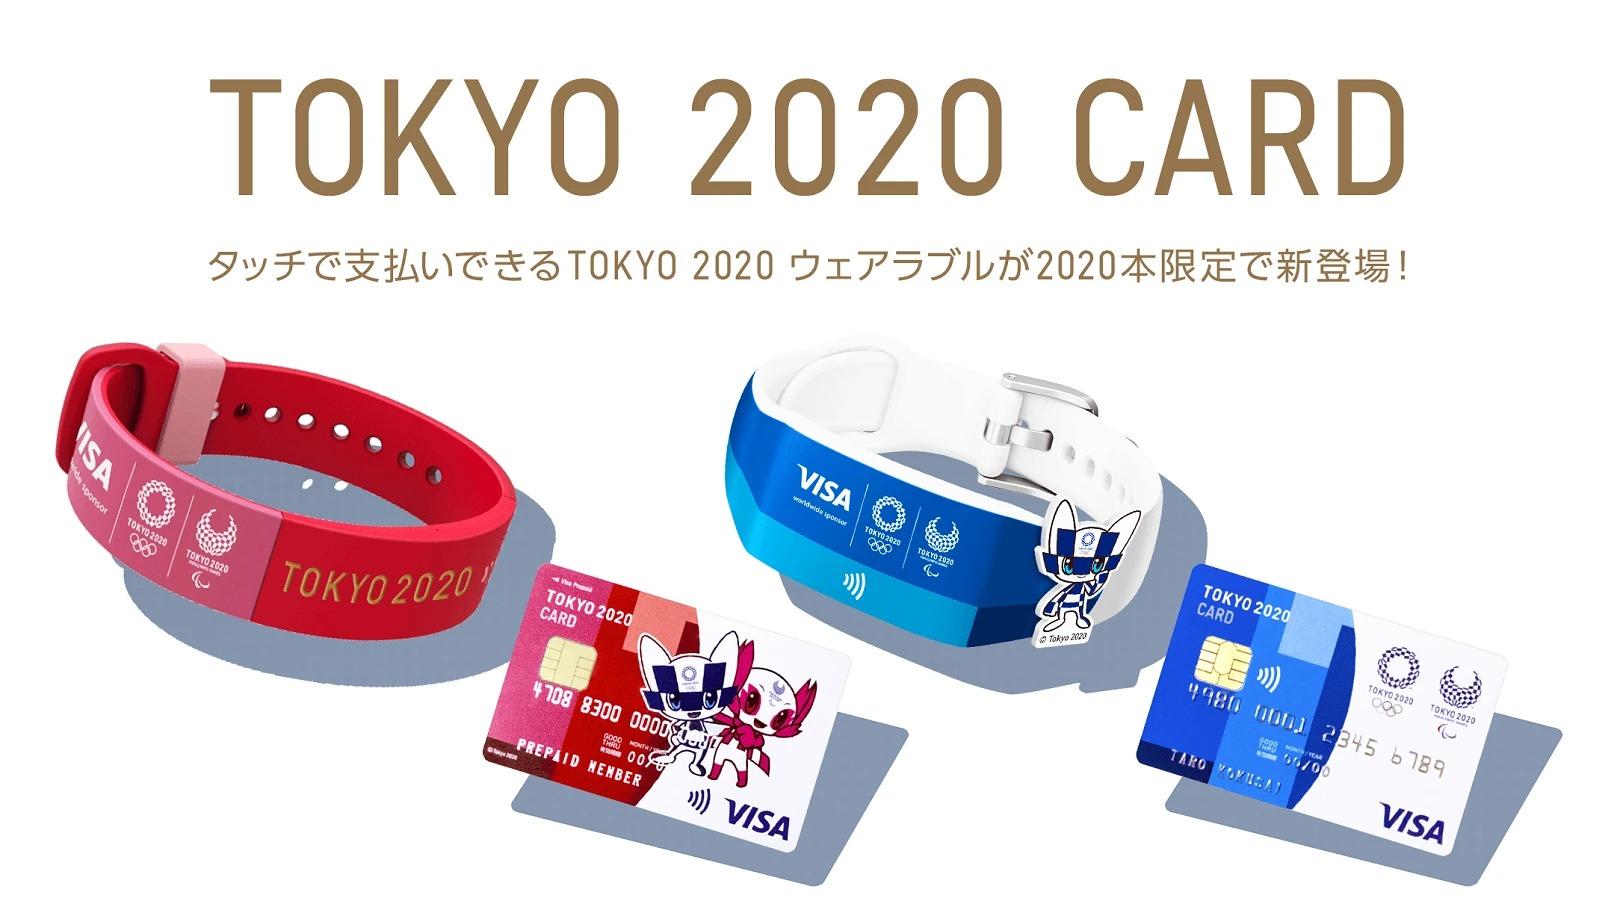 タッチで支払いできるTOKYO2020ウェアラブルが2020本限定で販売中。